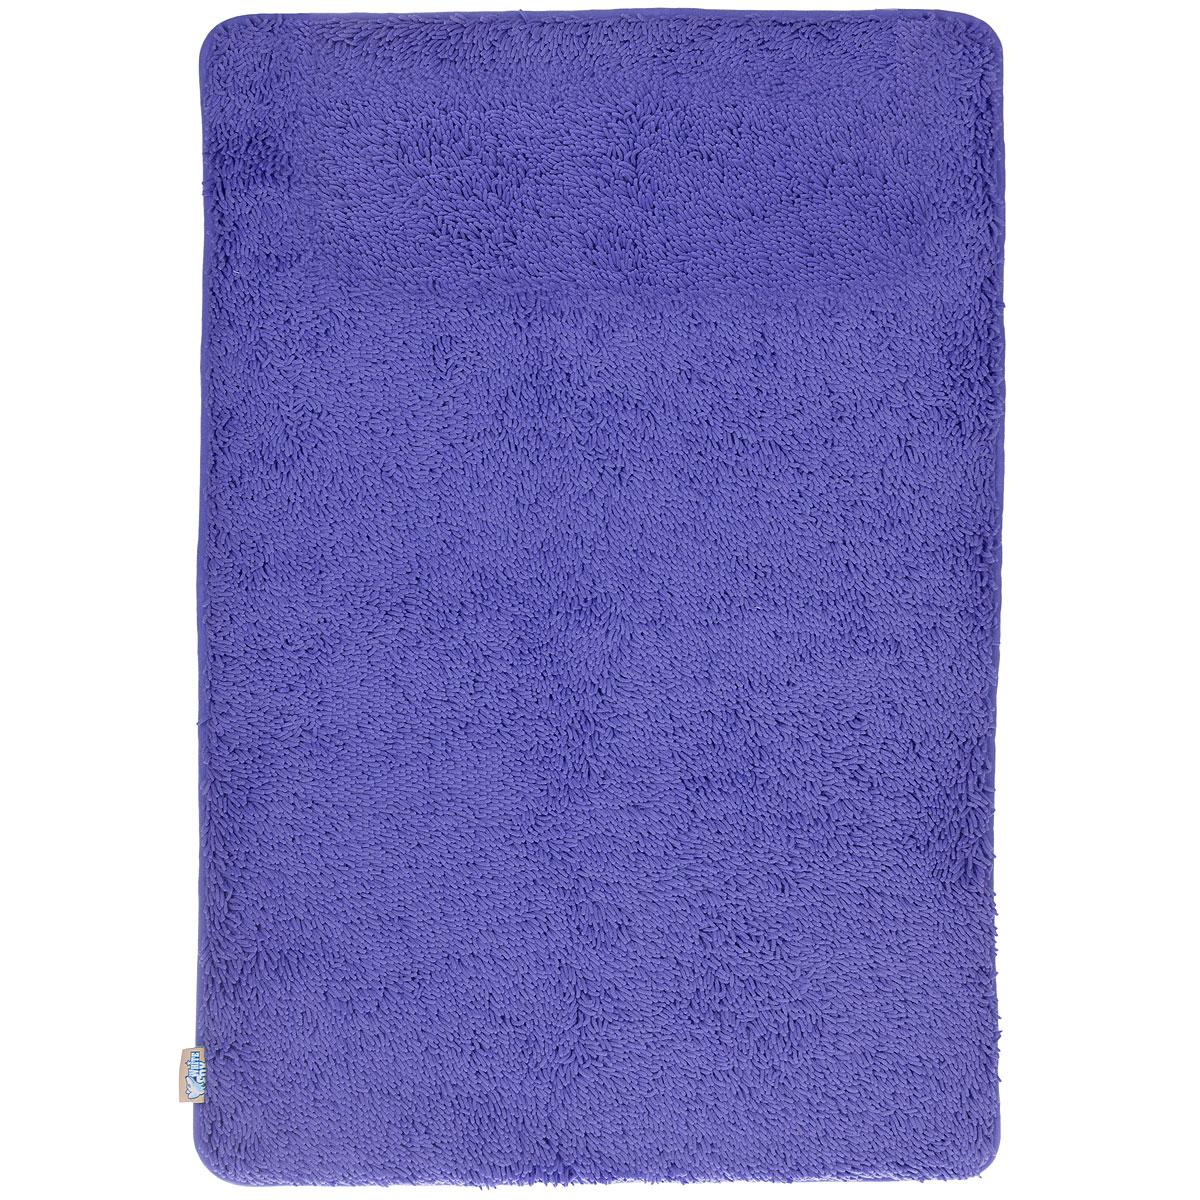 Коврик для ванной White Fox Relax, цвет: синий, 60 см х 90 см391602Коврик для ванной White Fox Relax с ворсом подарит настоящий комфорт до и после принятия водных процедур. Коврик состоит из трех слоев: - верхний флисовый слой прекрасно дышит, благодаря чему коврик быстро высыхает; - основной слой выполнен из специального вспененного материала, который точно повторяет рельеф стопы, создает комфорт и полностью восстанавливает первоначальную форму; - нижний резиновый слой препятствует скольжению коврика на влажном полу.Коврик White Fox Relax с ворсом равномерно распределяет нагрузку на всю поверхность стопы, снимая напряжение и усталость в ногах. Рекомендации по уходу: - можно стирать в стиральной машине при +30°C; - не отбеливать; - не гладить; - можно подвергать химчистке; - деликатные отжим и сушка.Высота ворса: 1,3 см.